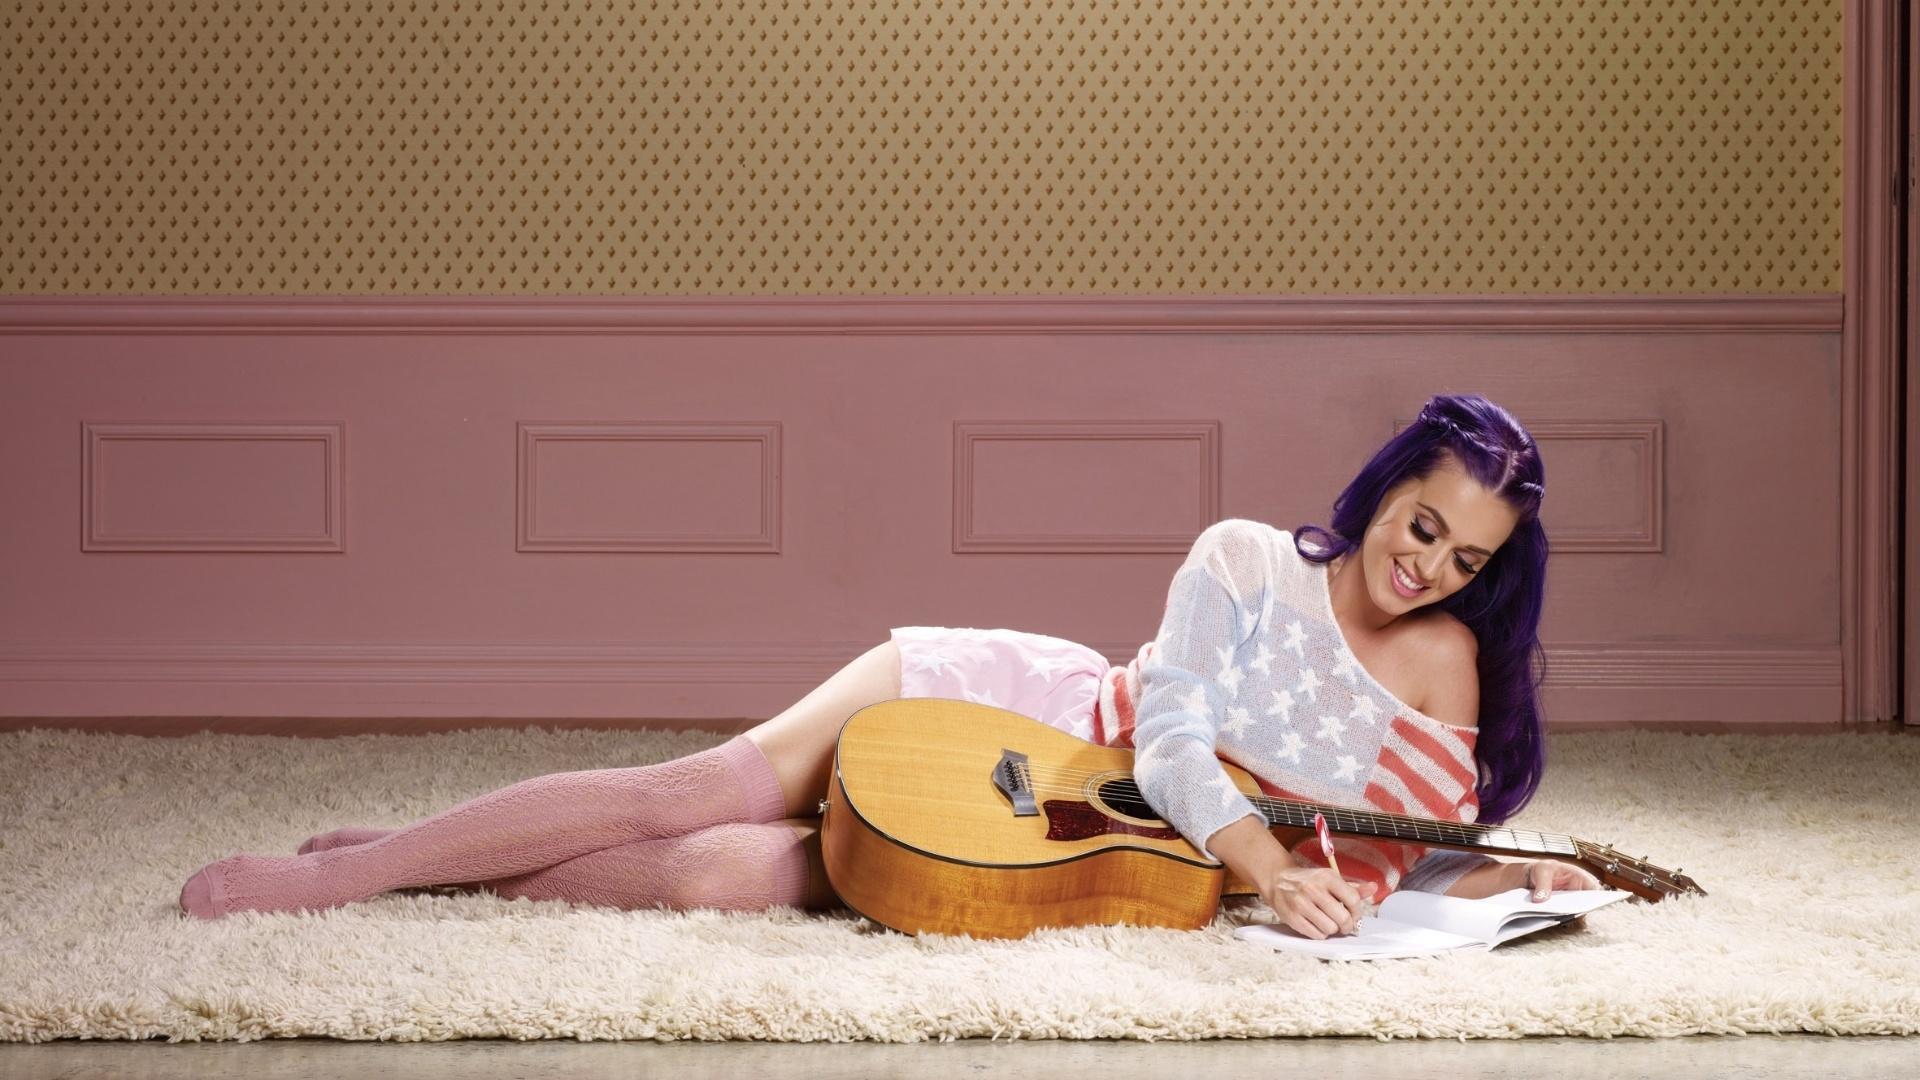 Trajetória de Katy Perry é contada no documentário